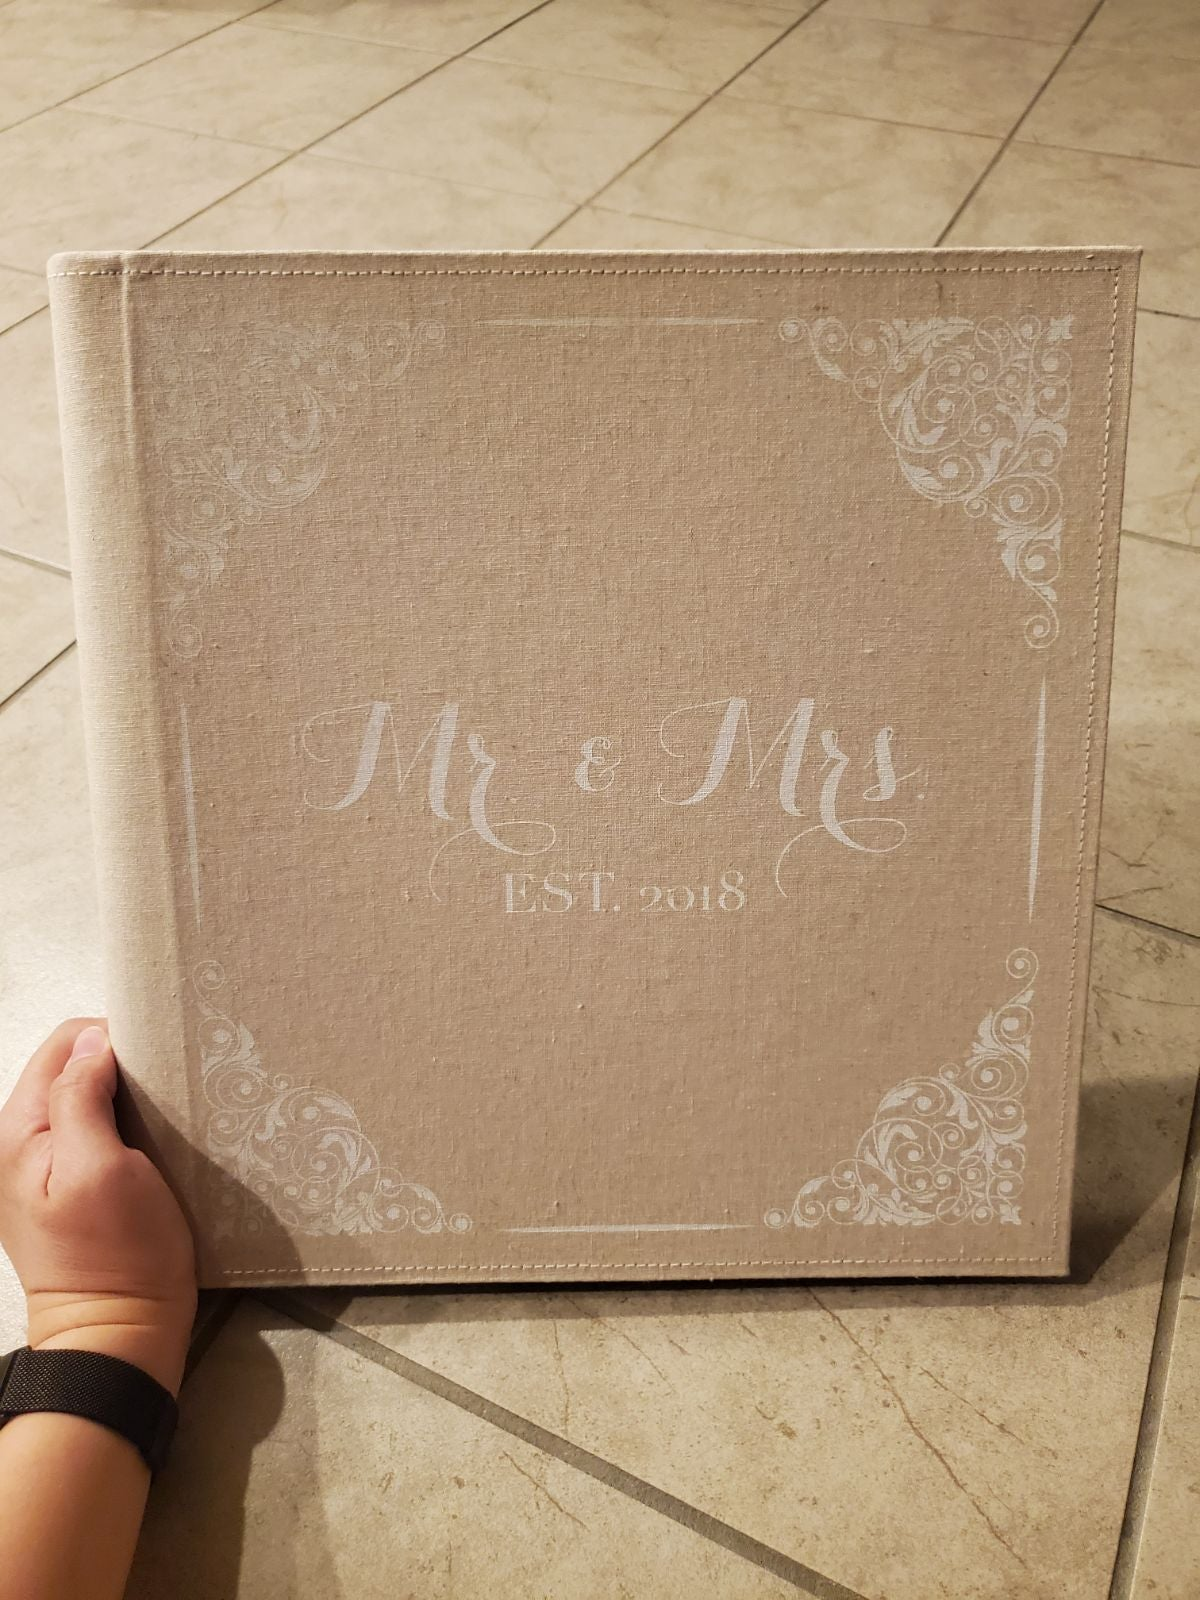 Mr. and Mrs. est. 2018 Photo Album